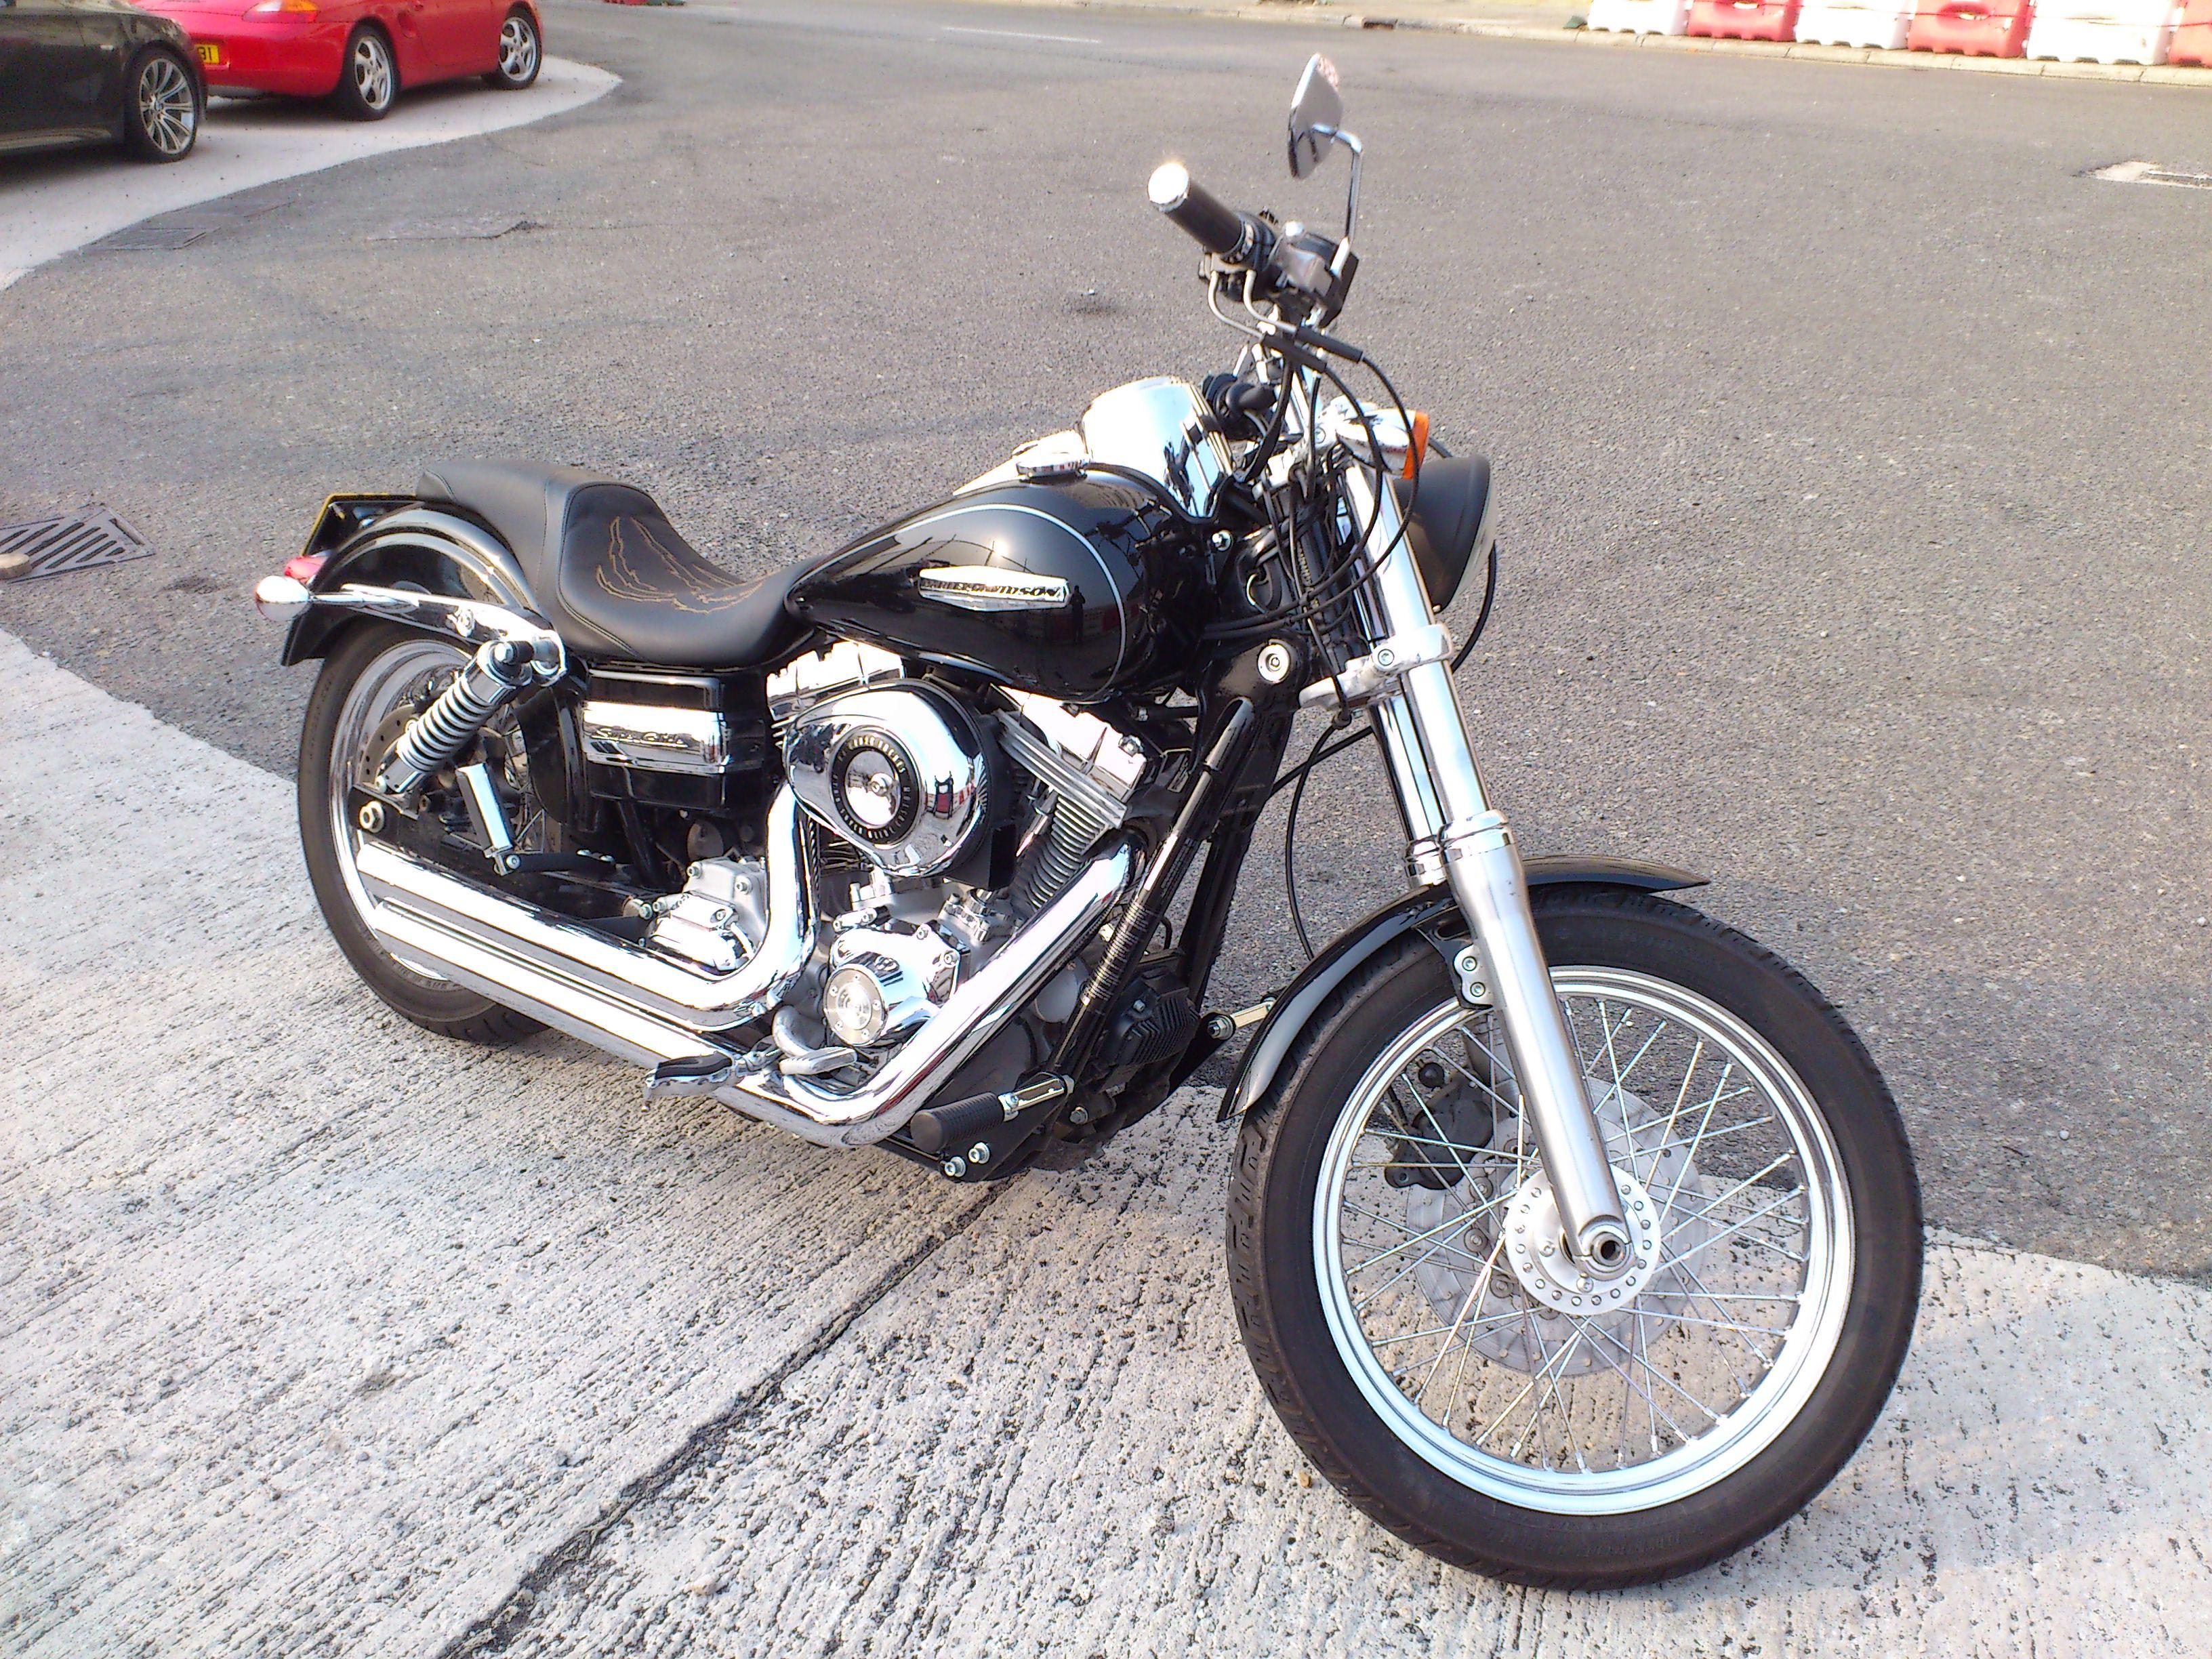 Harley Davidson Pictures 2012 Fxdc Dyna Super Glide Custom: 2009 Harley-Davidson FXDC Dyna Super Glide Custom ***SOLD